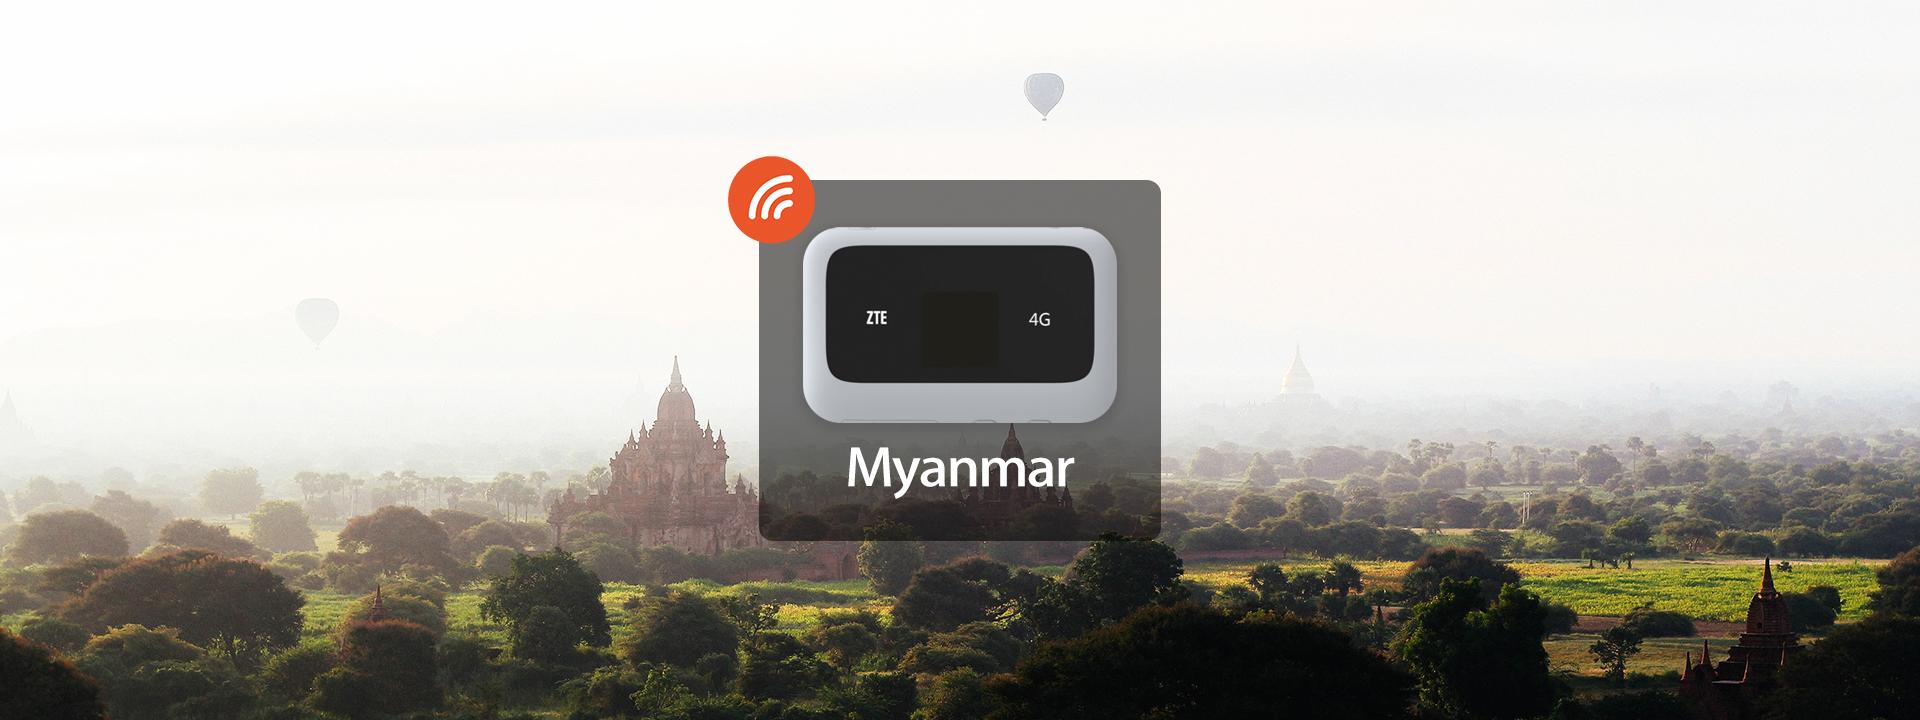 Myanmar 4G/3G Portable WiFi Rental & Prepaid Sim Card - Klook